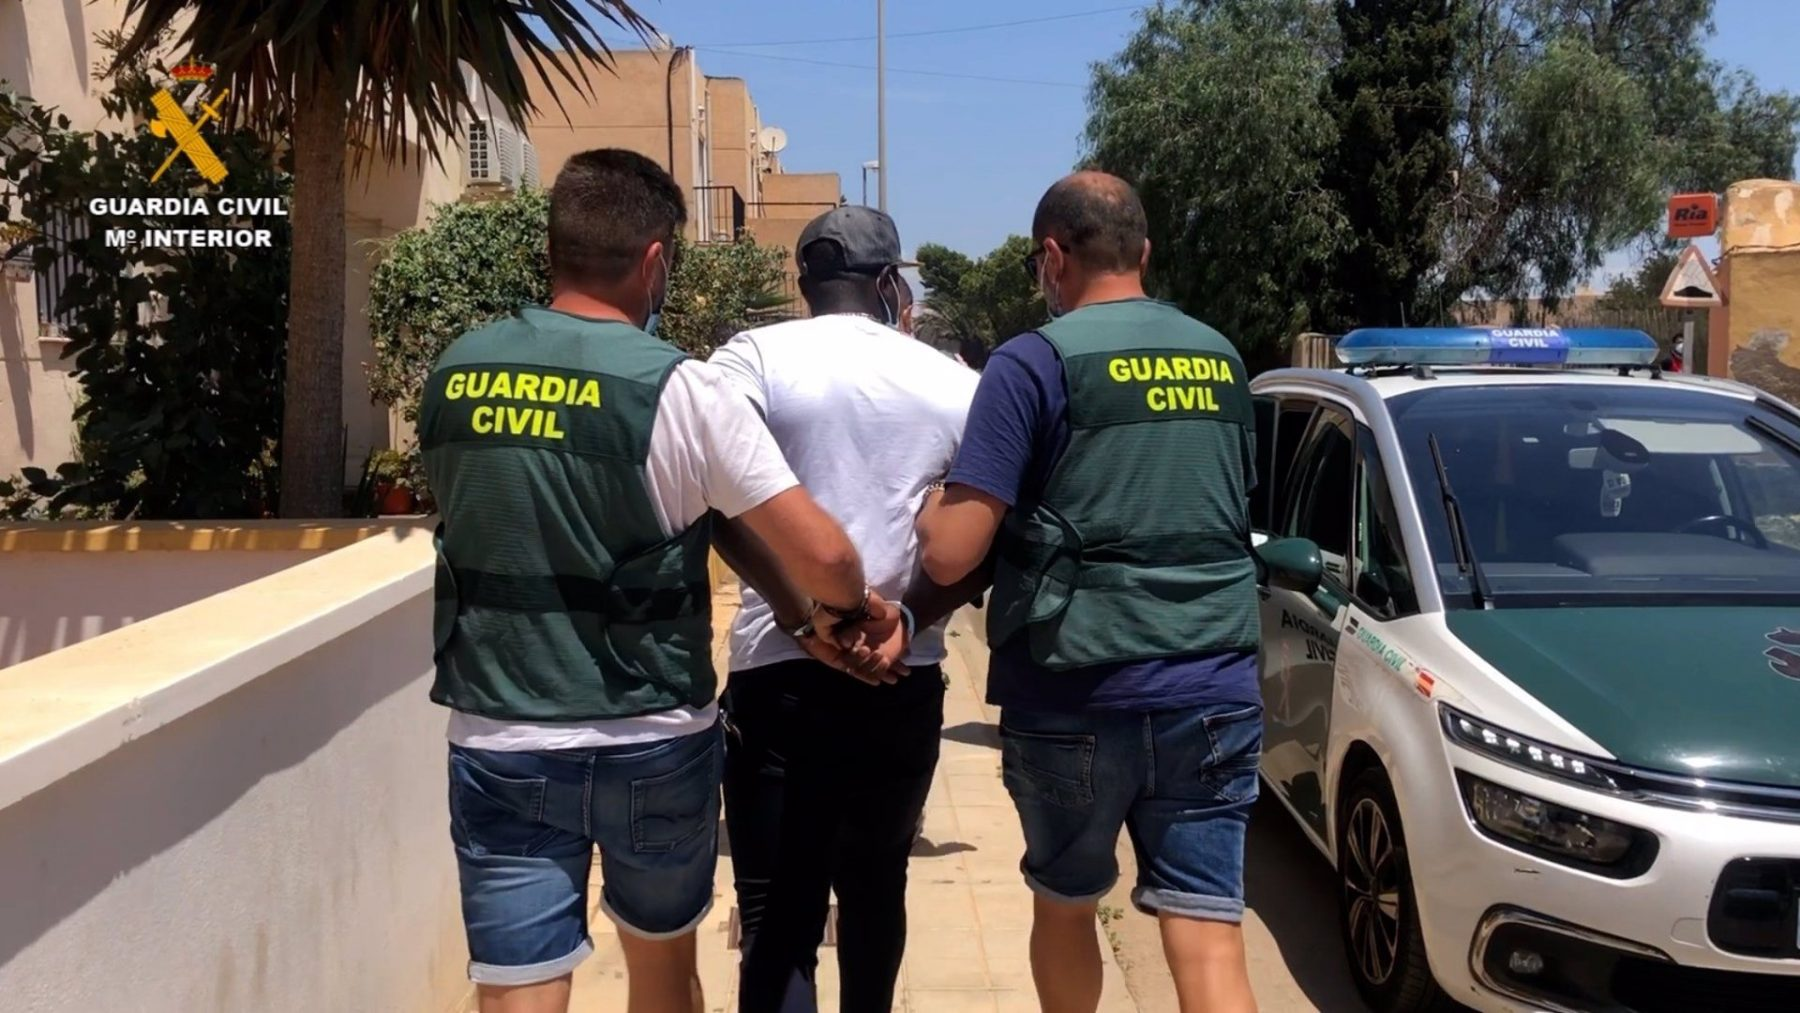 El arrestado, este viernes, en el momento de su detención (GUARDIA CIVL).